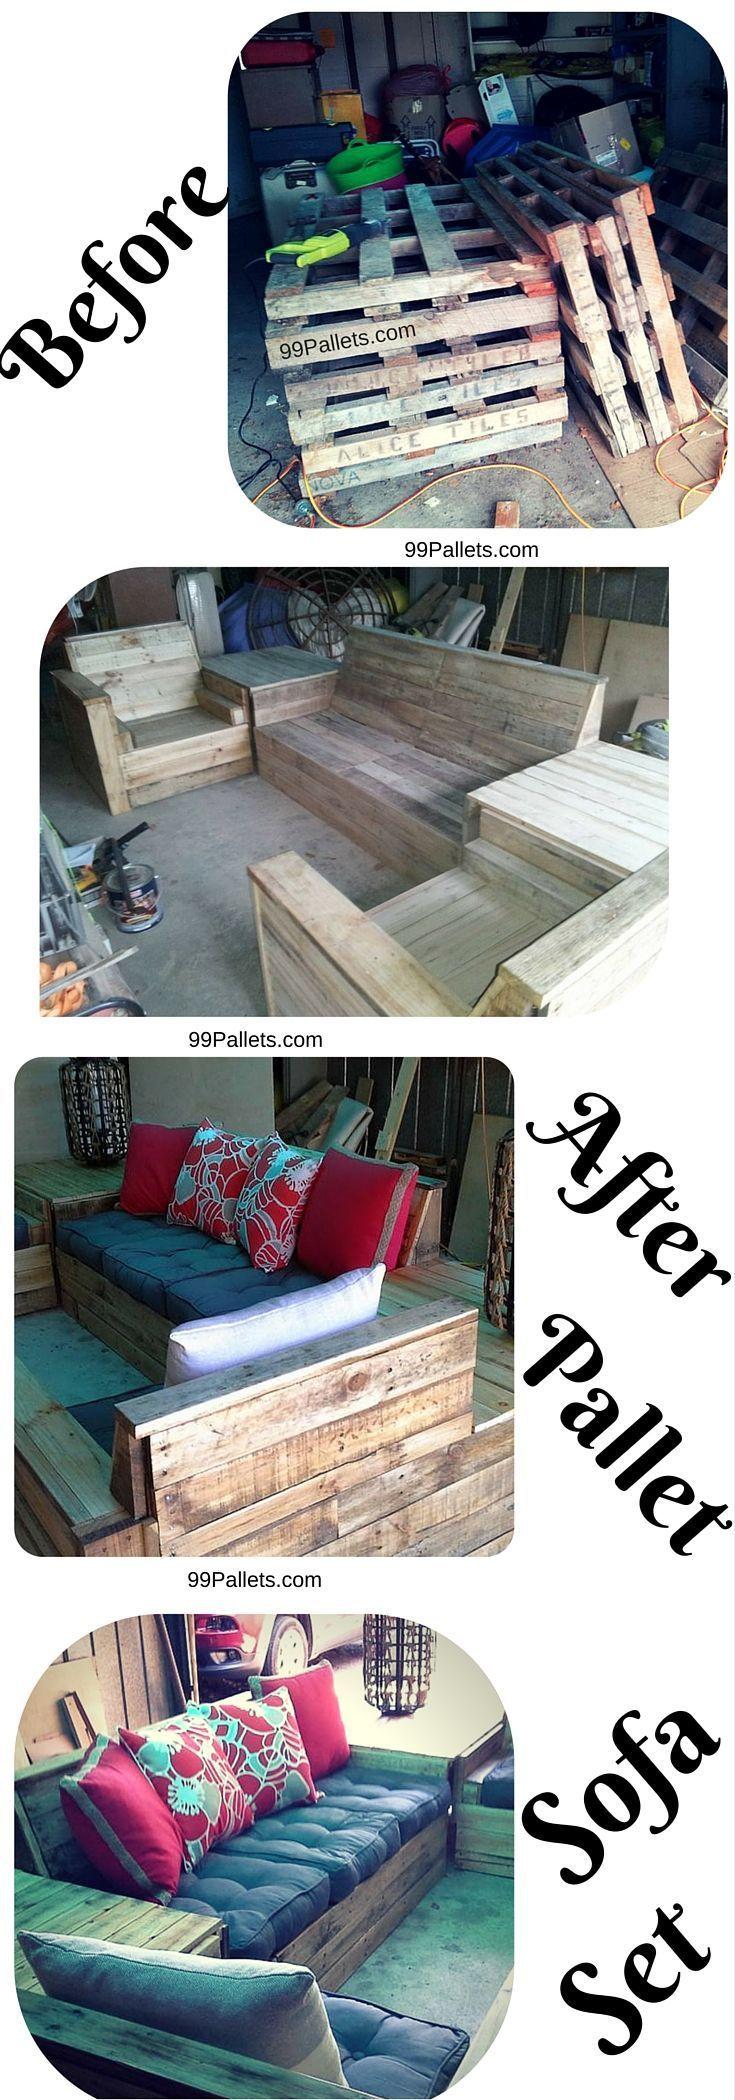 Best 25+ Pallet sofa ideas on Pinterest   Pallet furniture garden ...